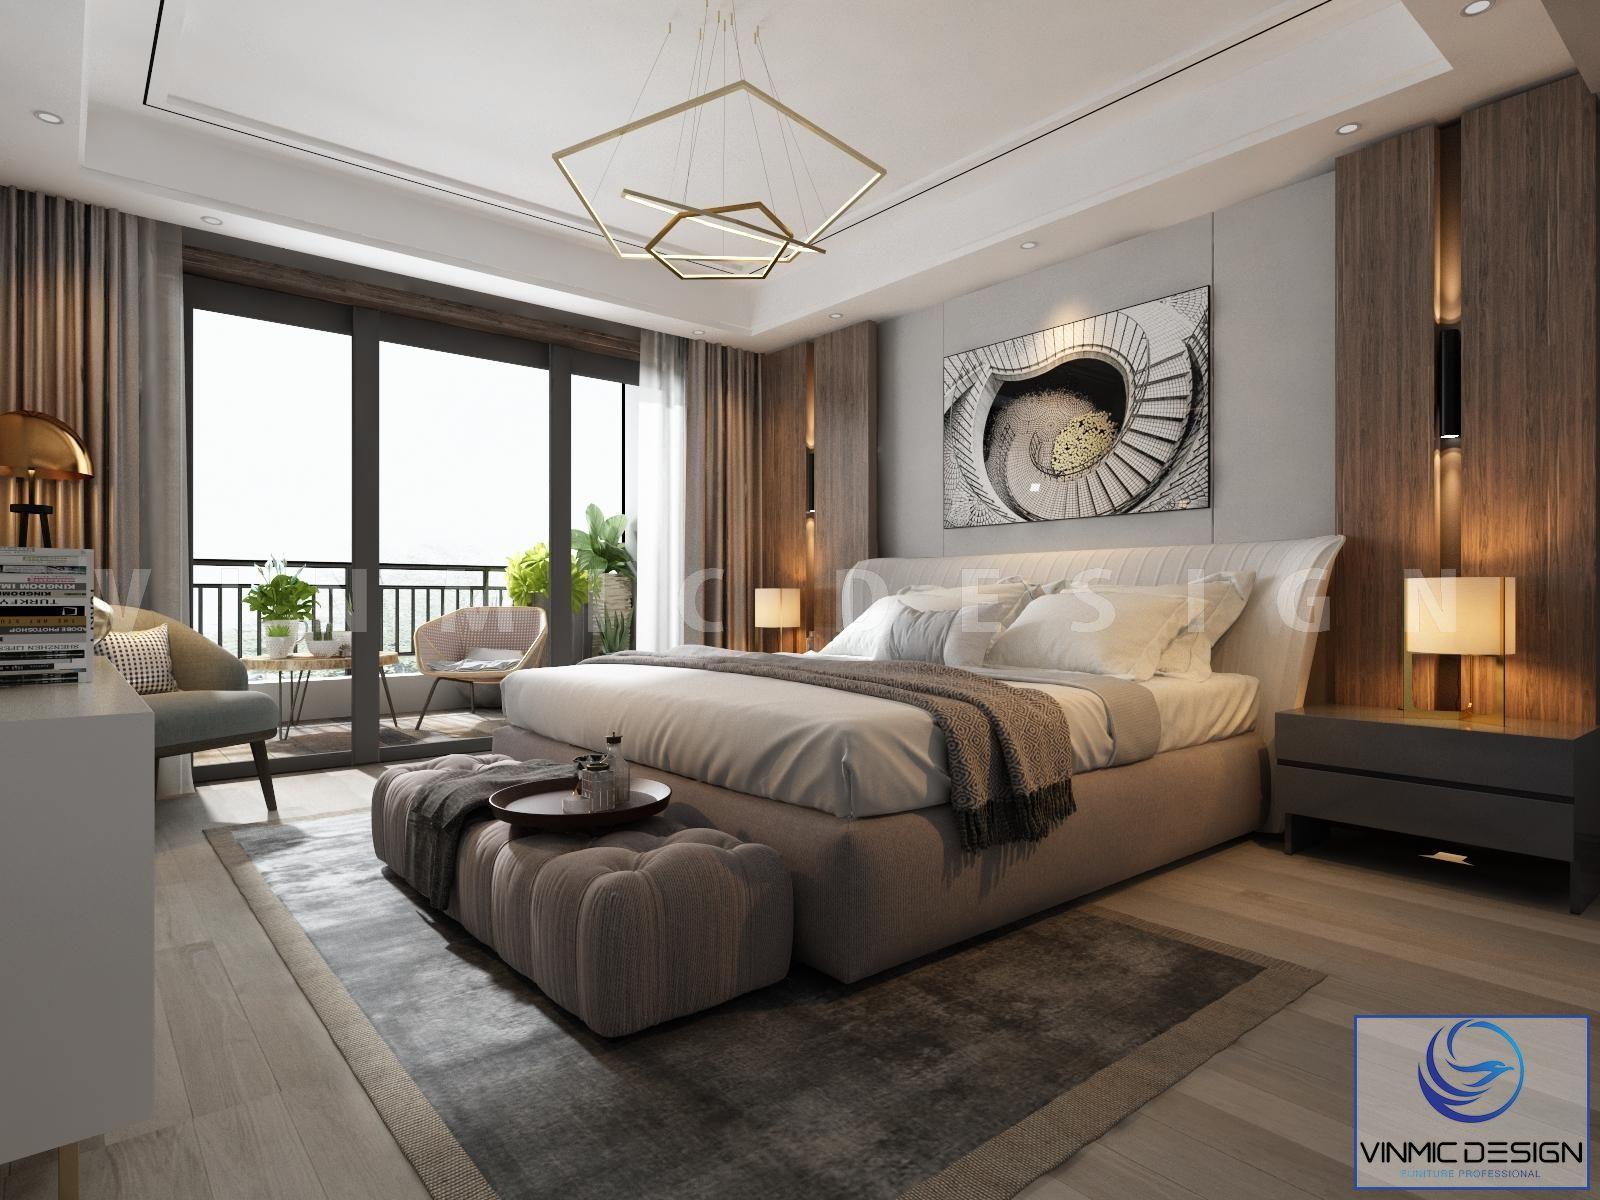 Thiết kế nội thất phòng ngủ được tận dụng ánh sáng từ thiên nhiên